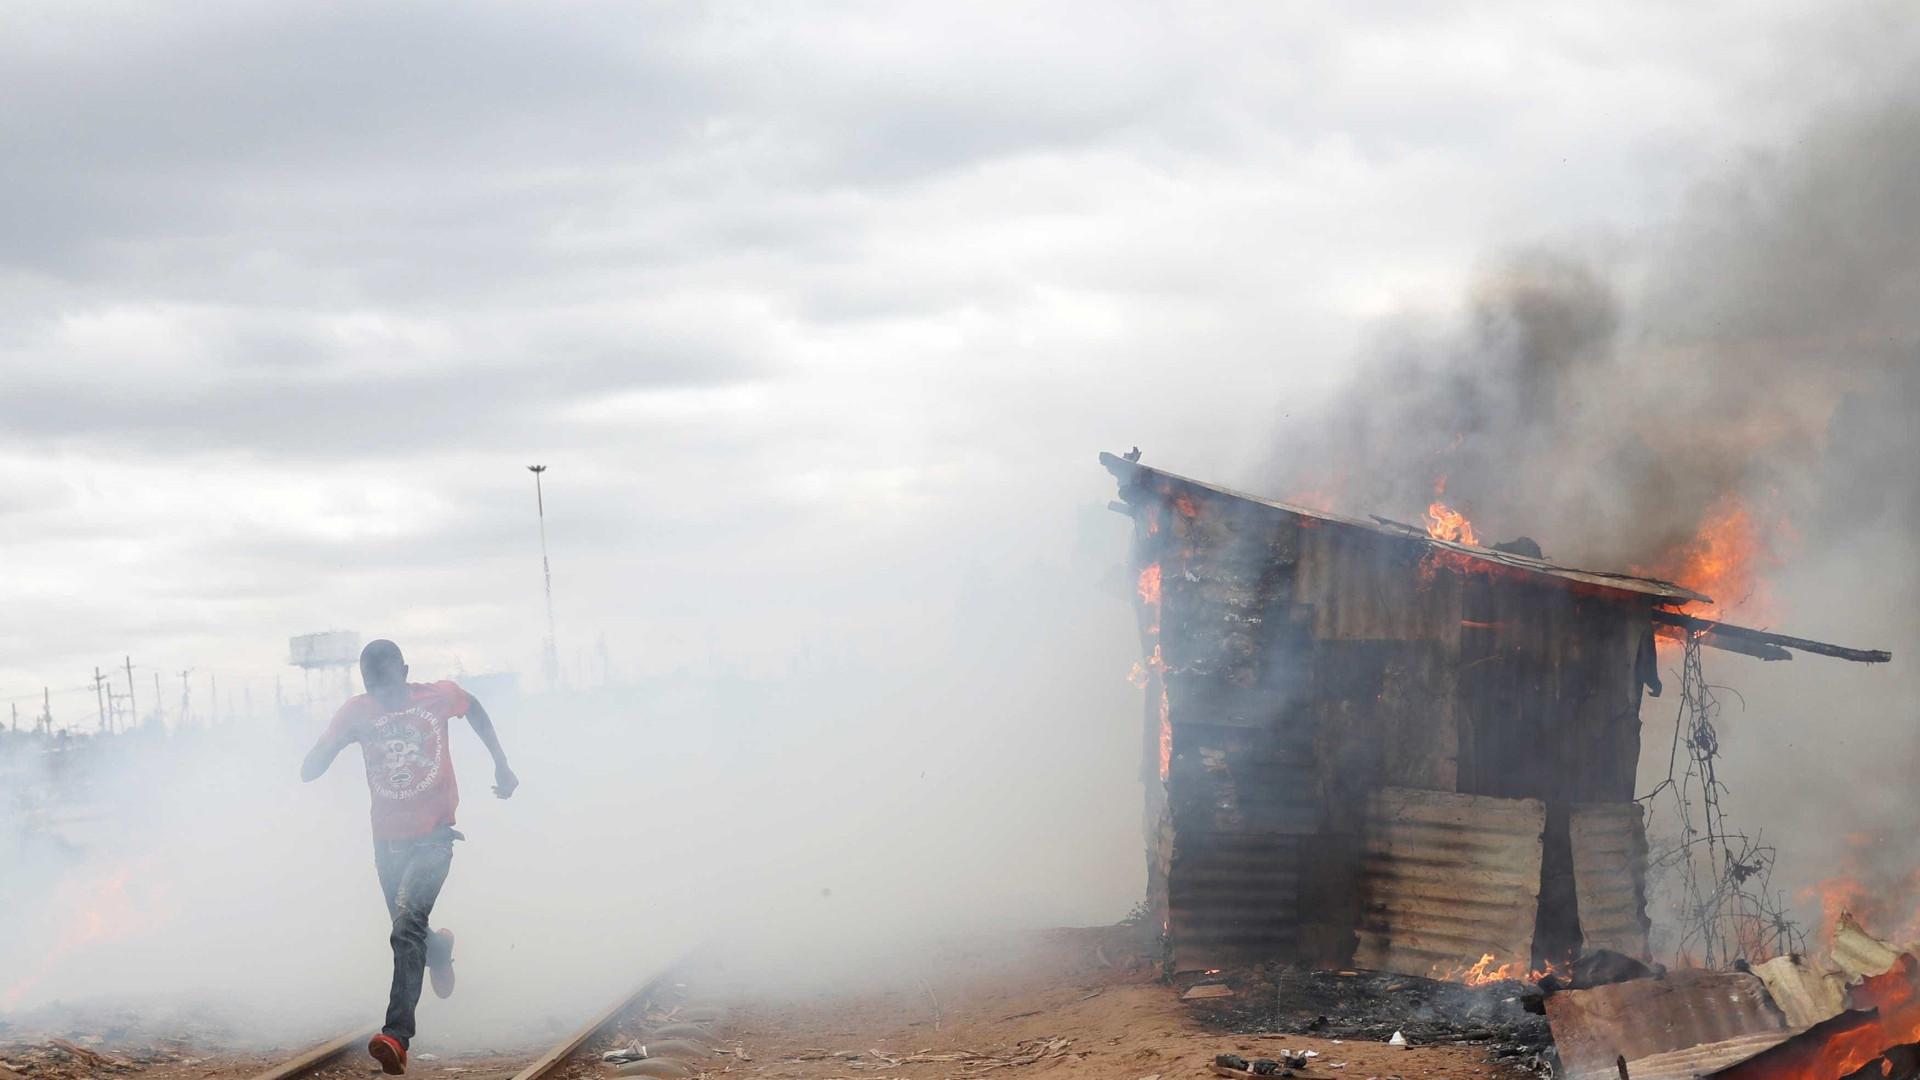 Pelo menos 24 mortos a tiro em protestos no Quénia, diz organização